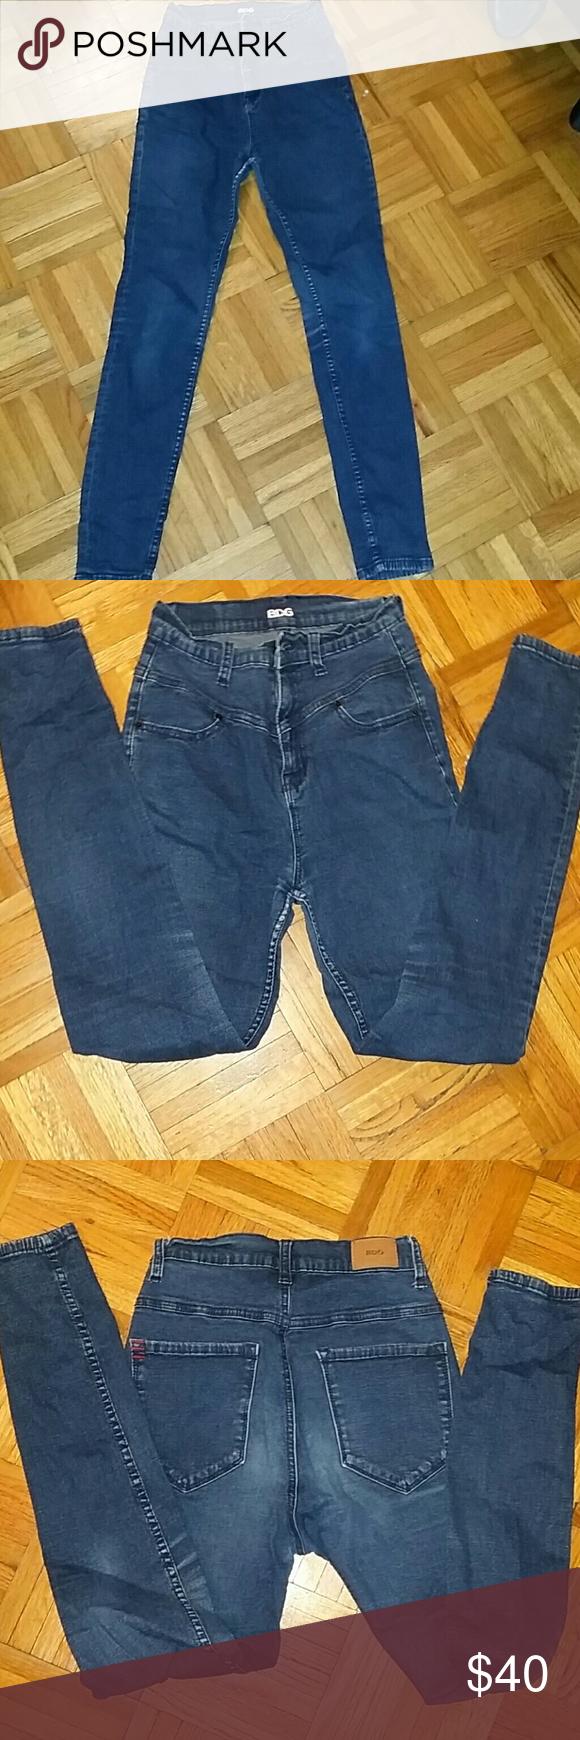 BDG High Rise Seam Jeans 27W 29L BDG High Rise Seam Jeans 27W 29L BDG Jeans Skinny